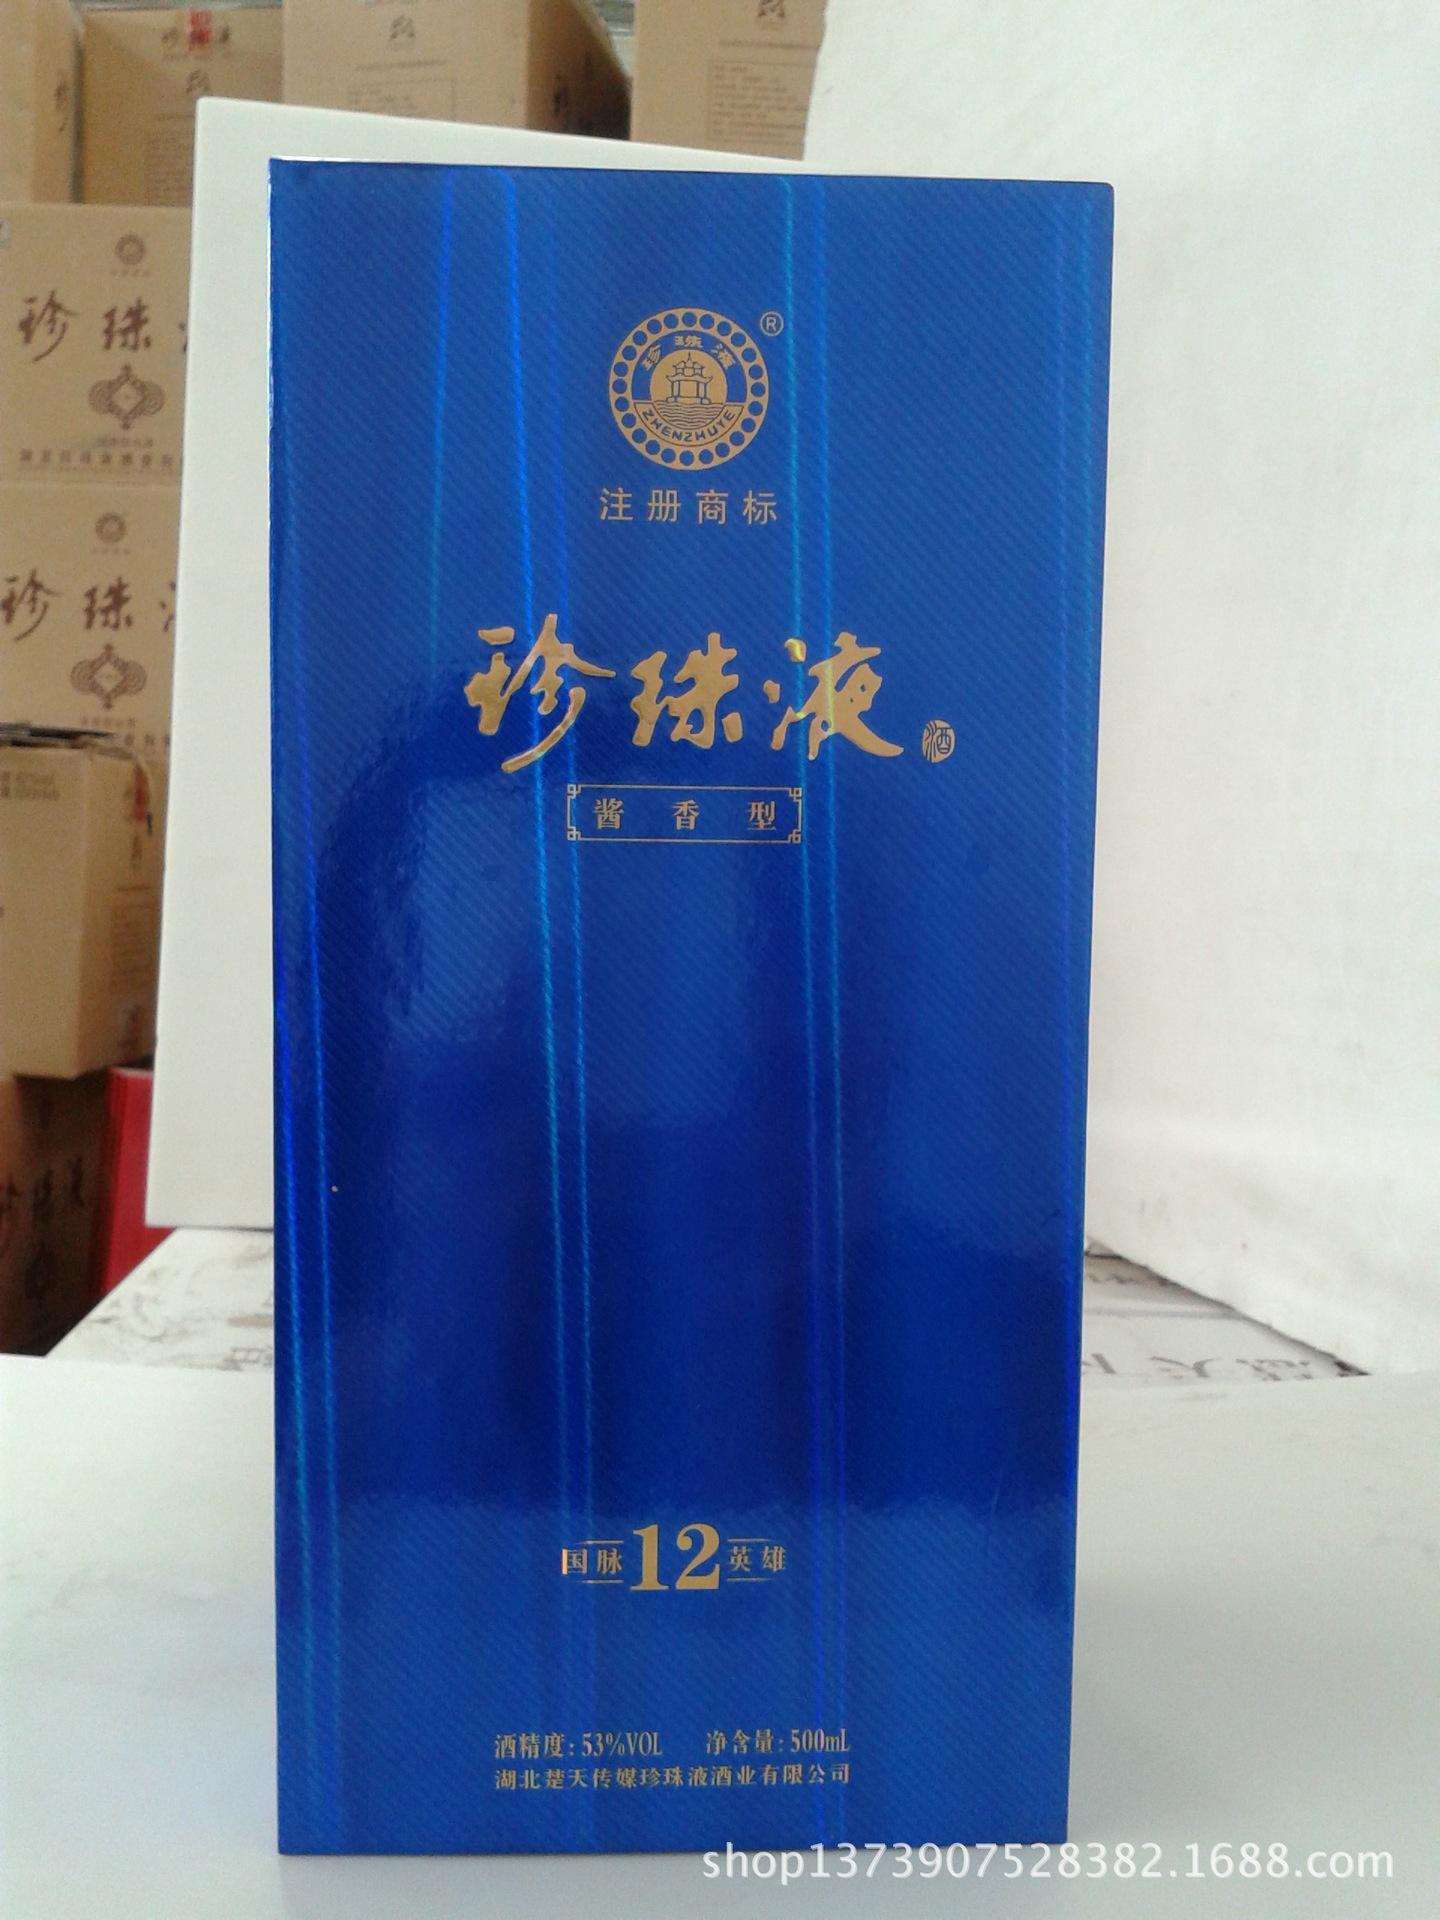 白酒批发 酱香型 53度 白酒 珍珠液 国脉.英雄 12 年陈酿 500ML